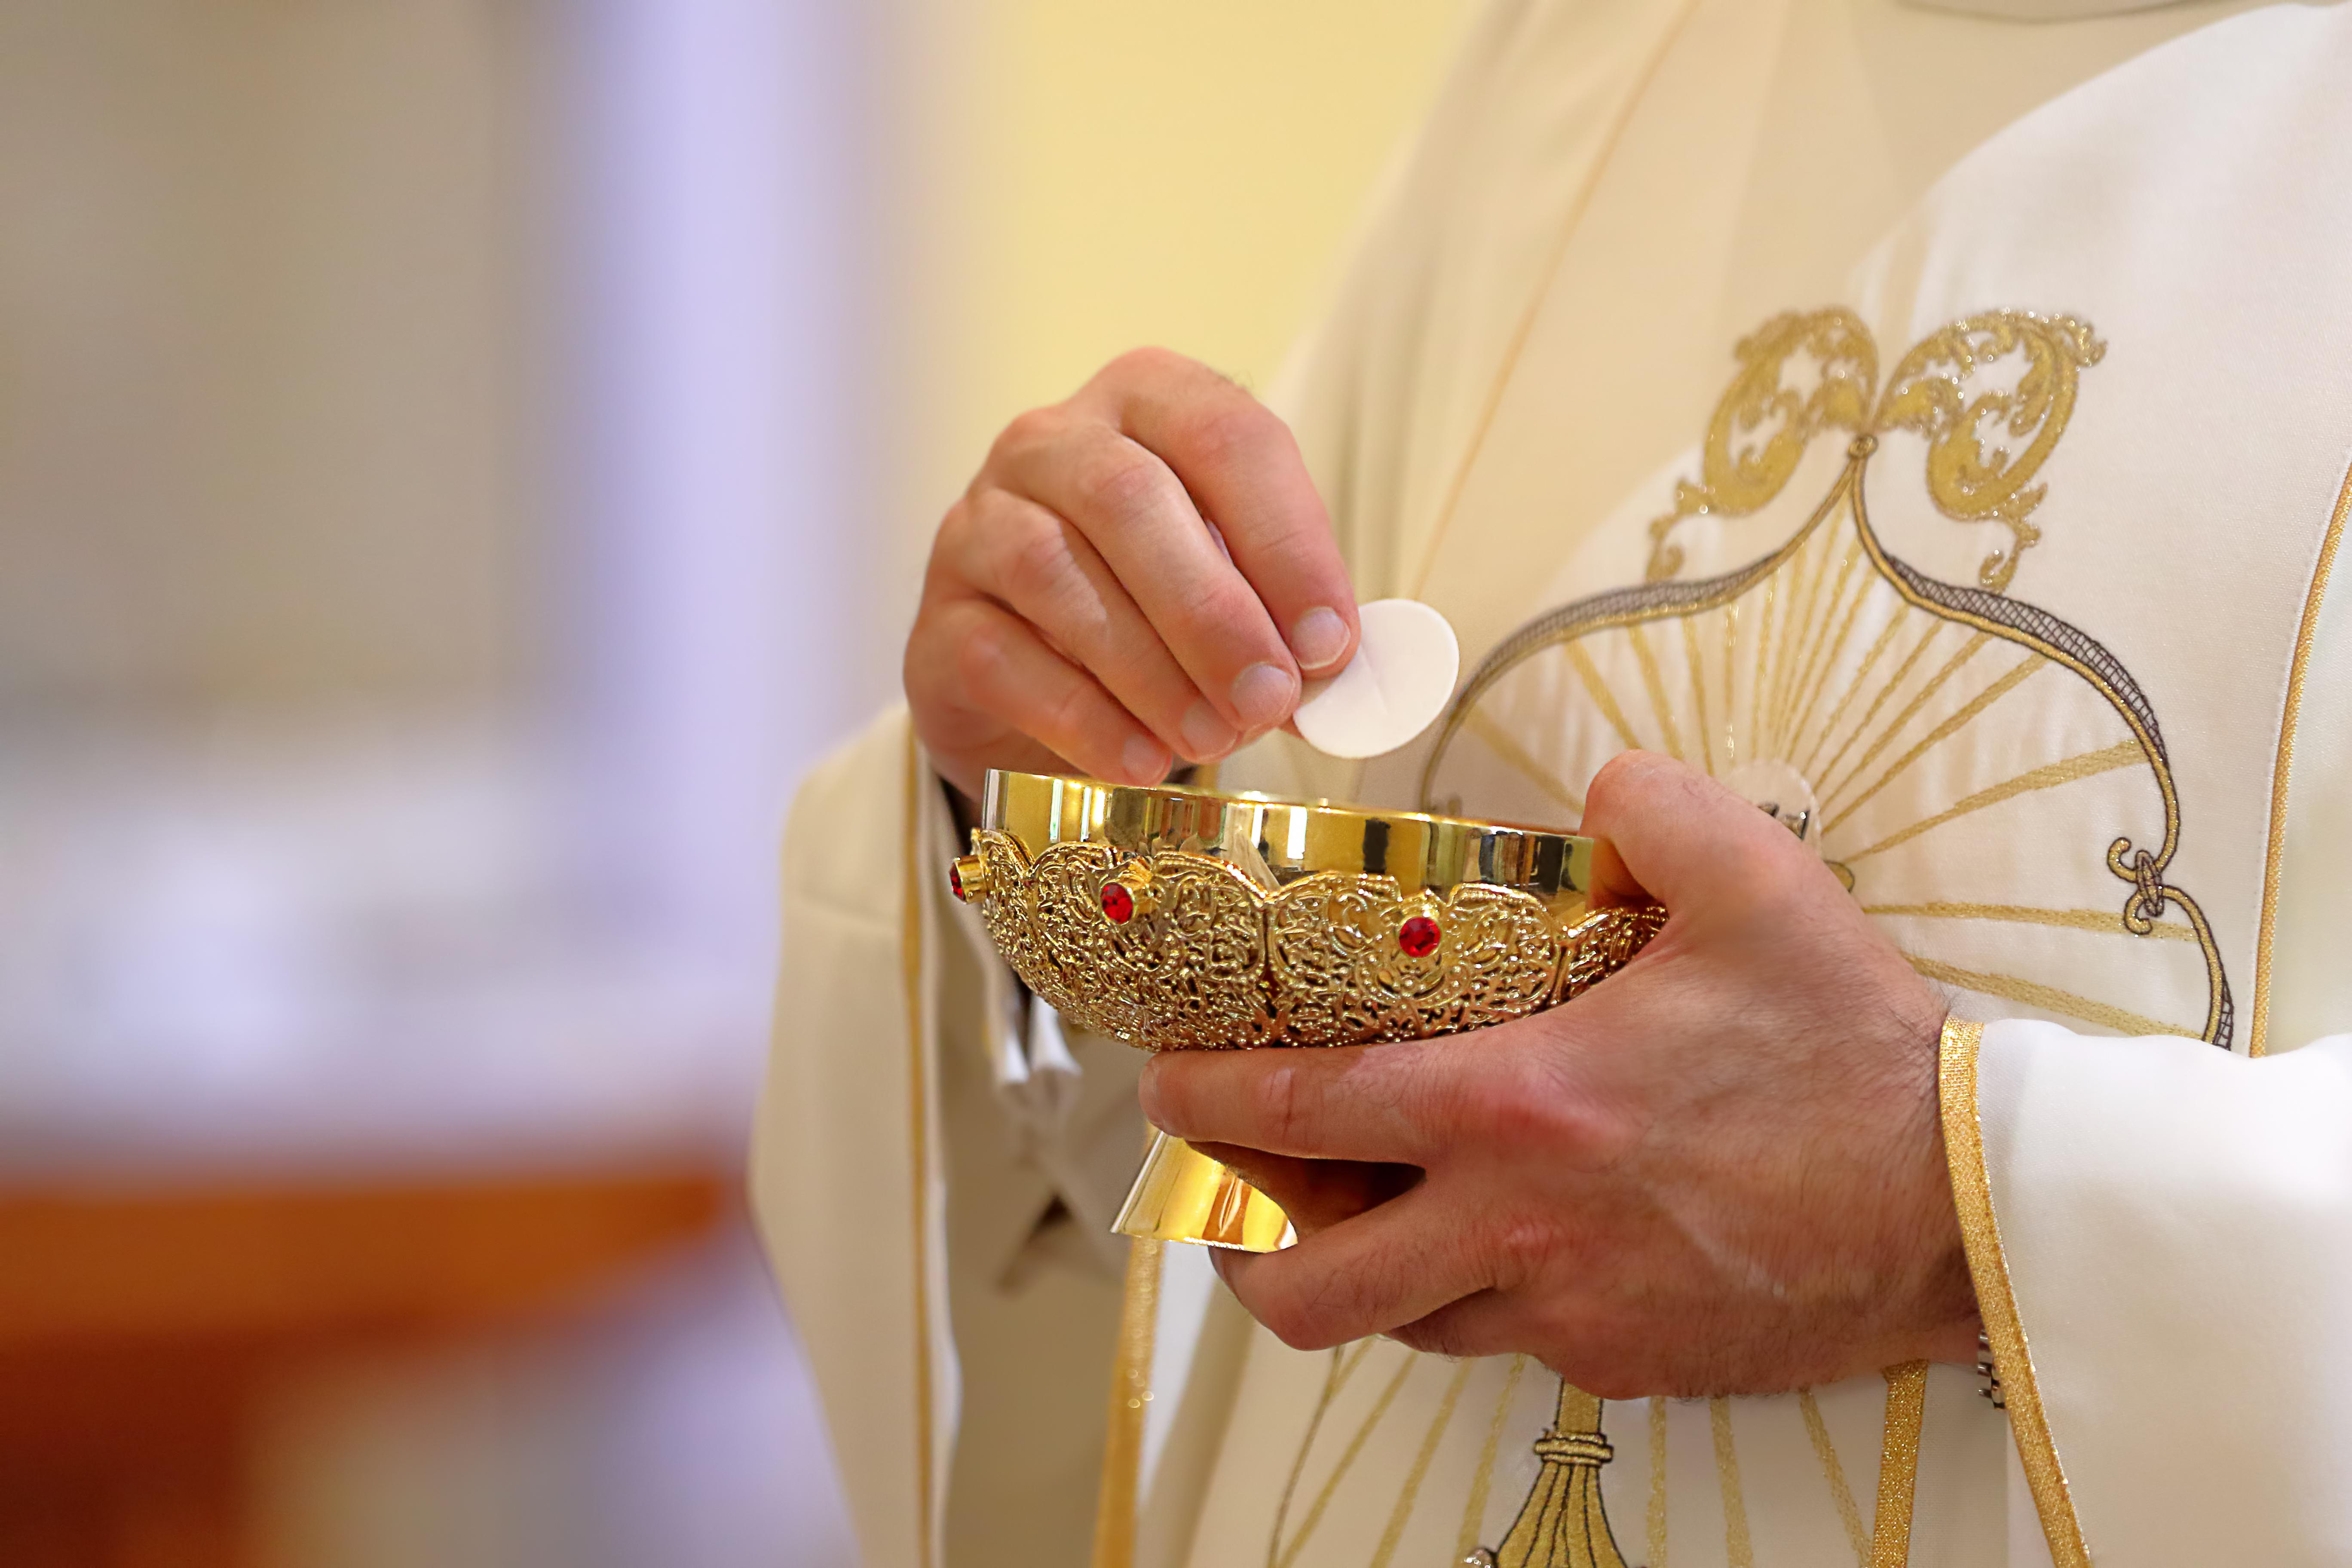 CONSIGNES PASTORALES RE CONFINEMENT: communion eucharistique et confessions possibles  Shutterstock_1775961929